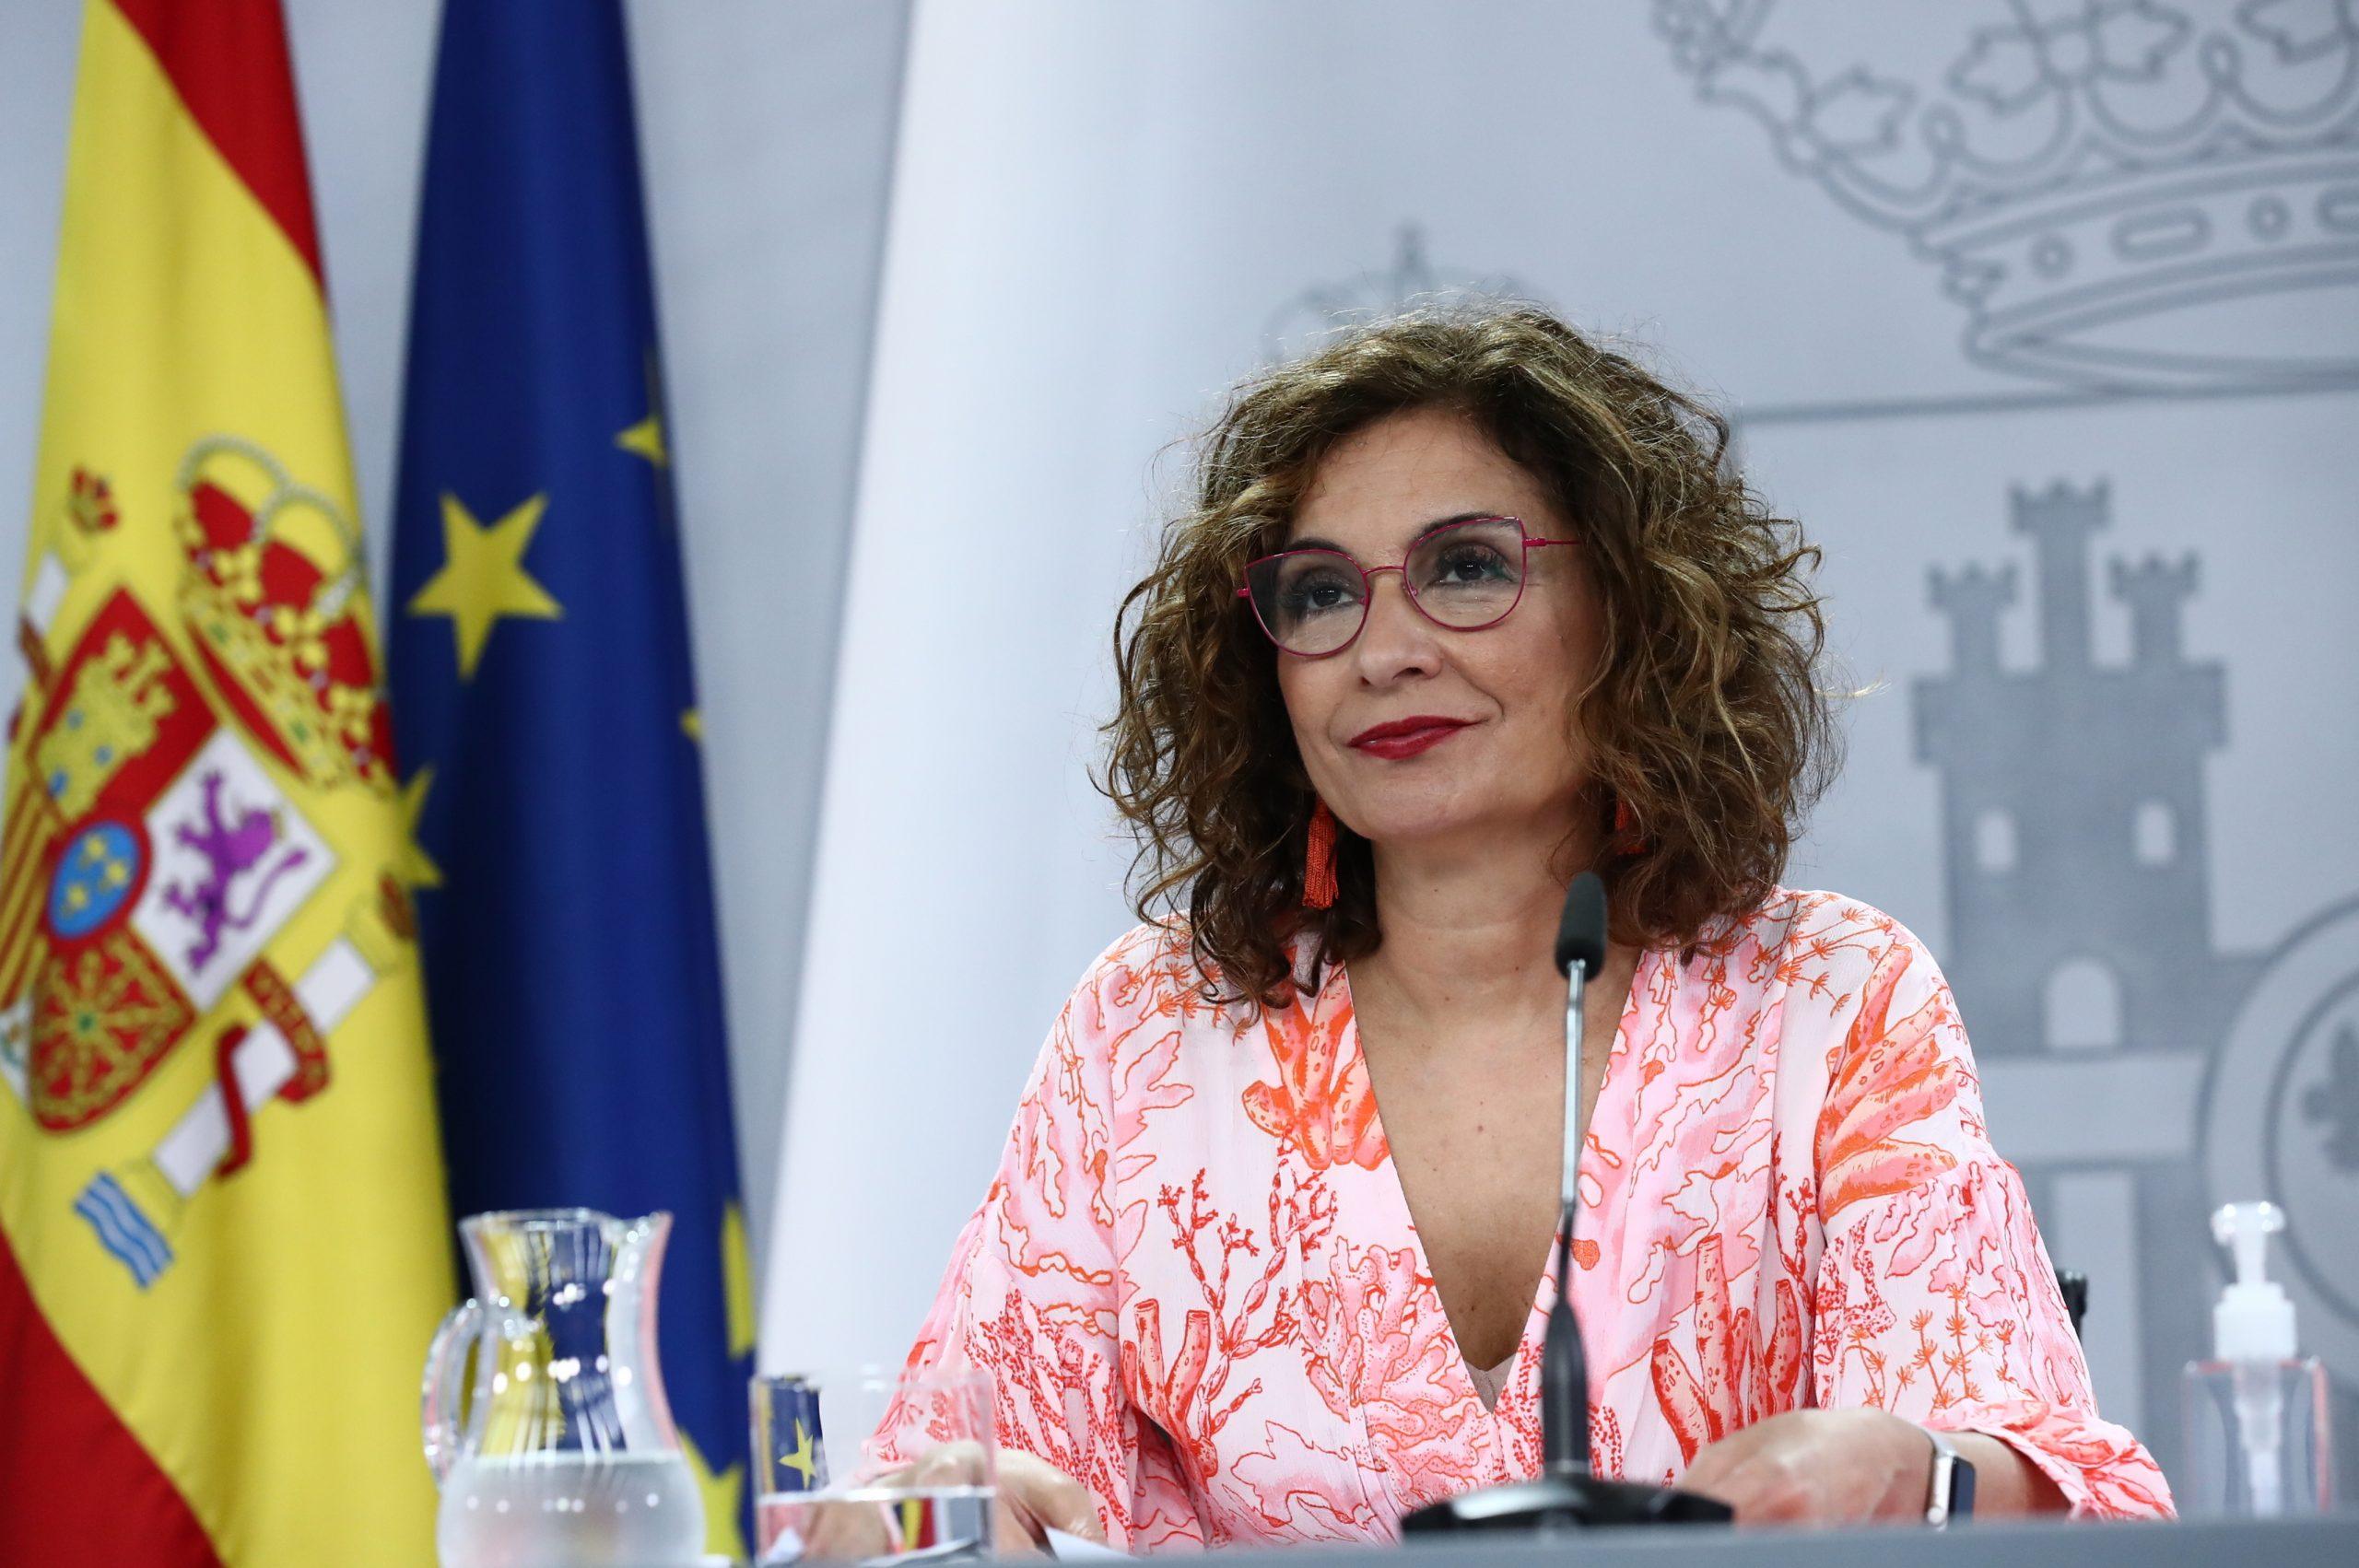 La portaveu de govern espanyol, María Jesús Montero | ACN